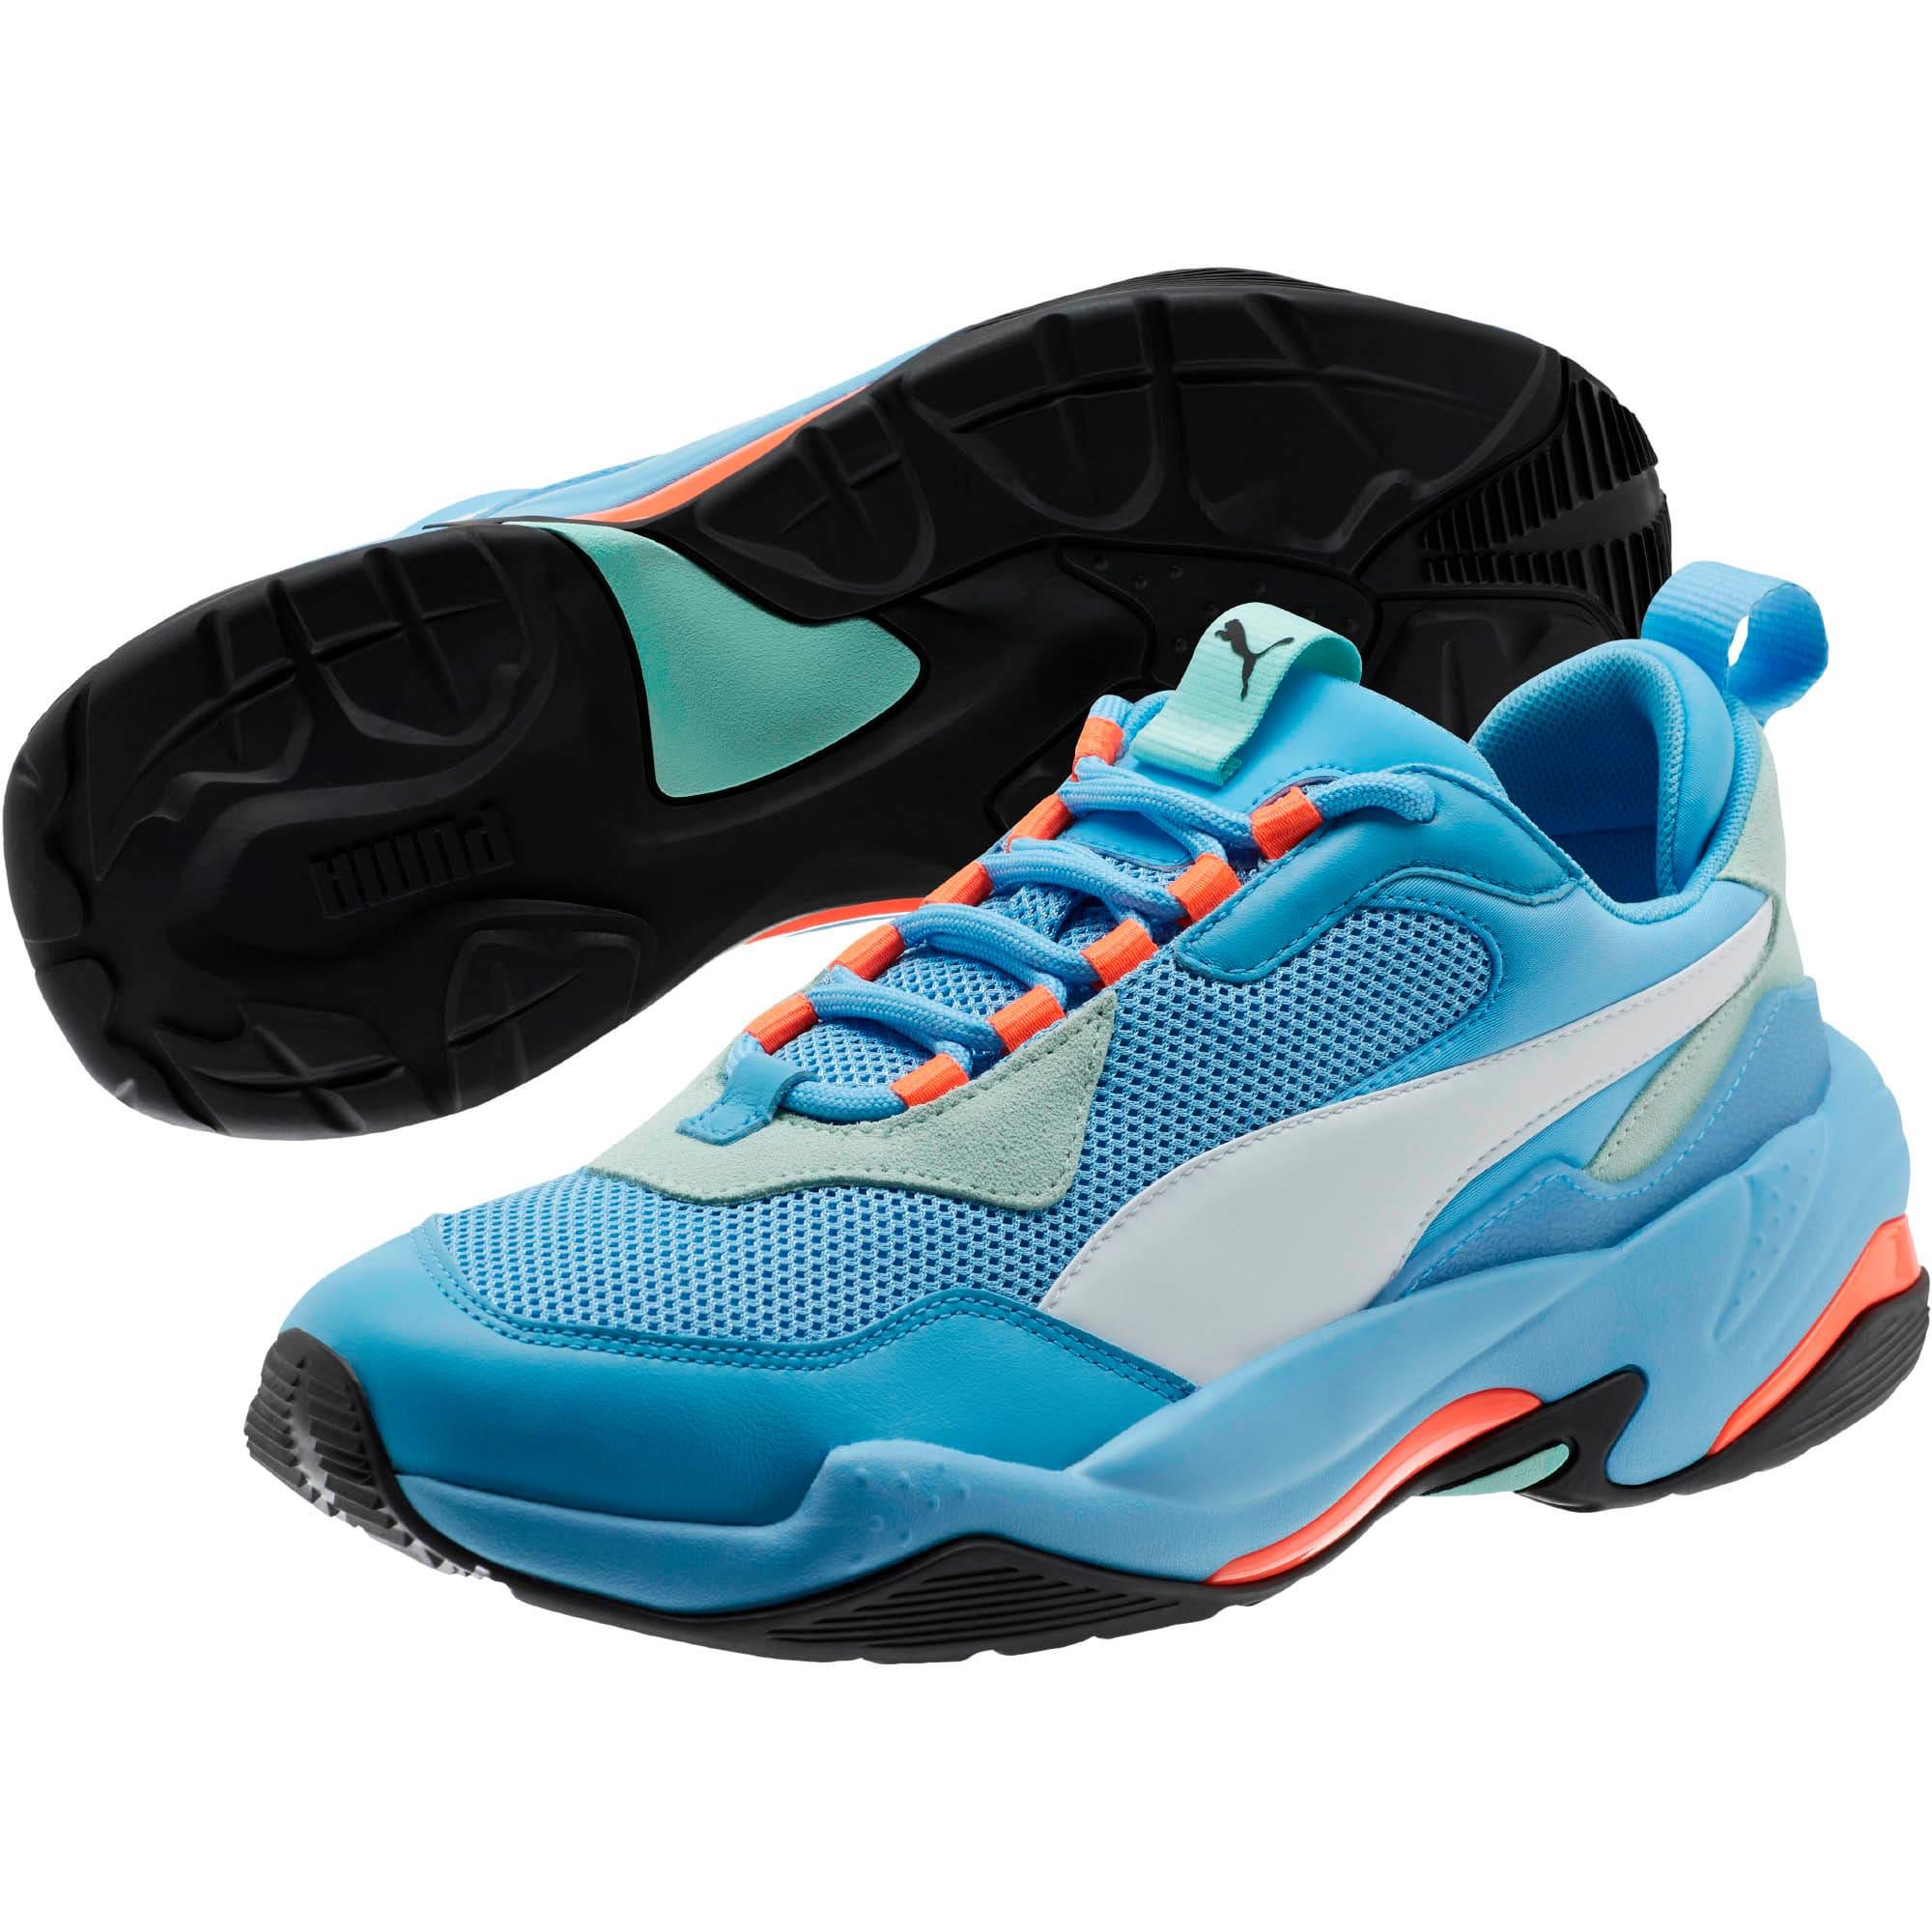 Miniatura 2 de Zapatos deportivosThunder Spectrapara hombre, Team Light Blue-Fair Aqua, mediano